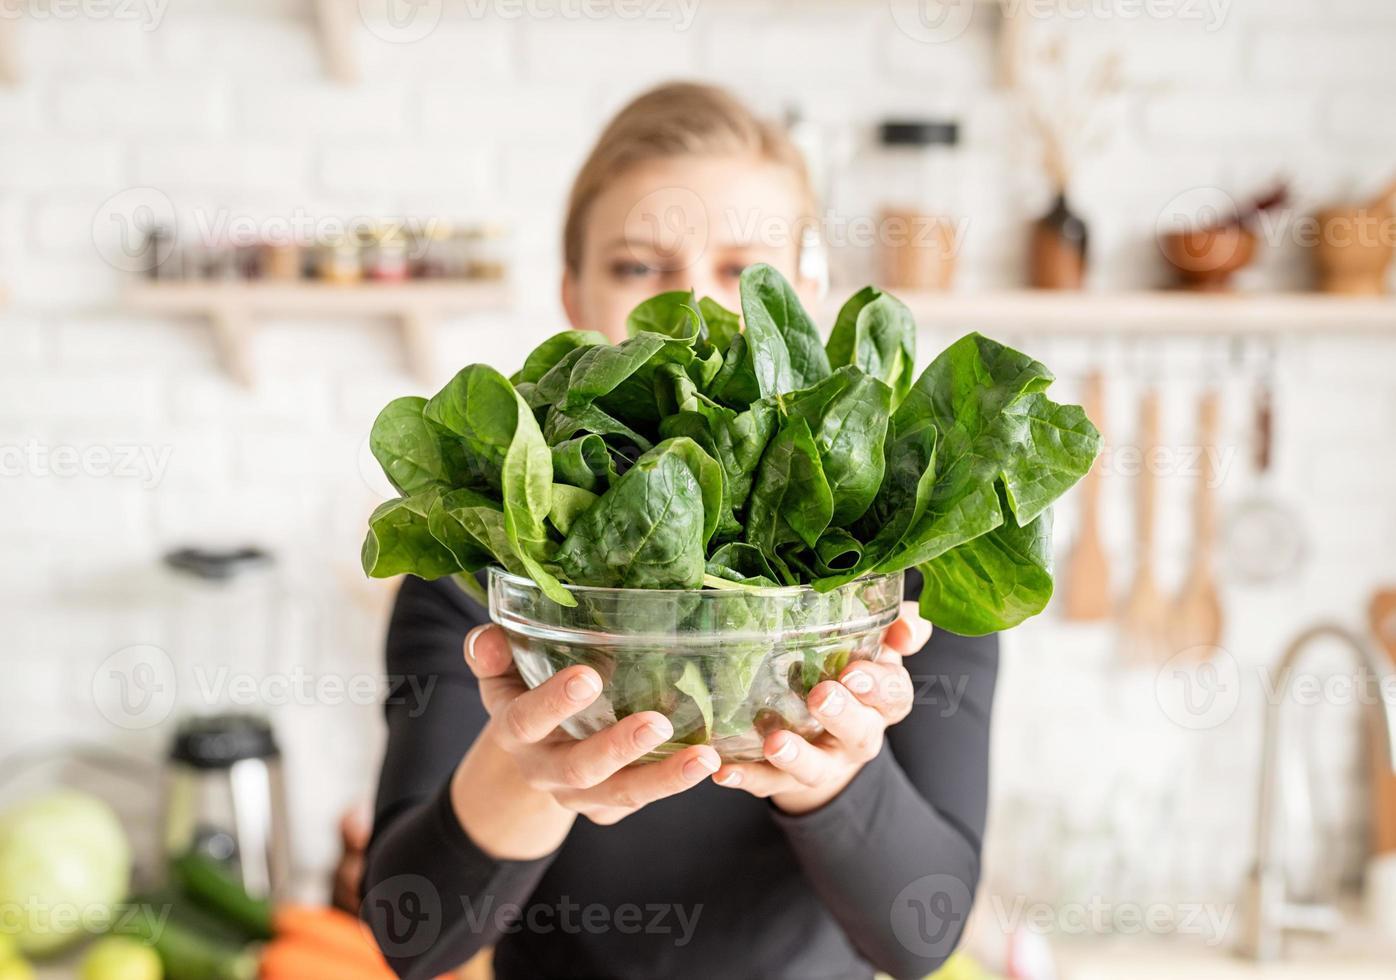 Mujer sosteniendo un plato de espinacas frescas en la cocina foto